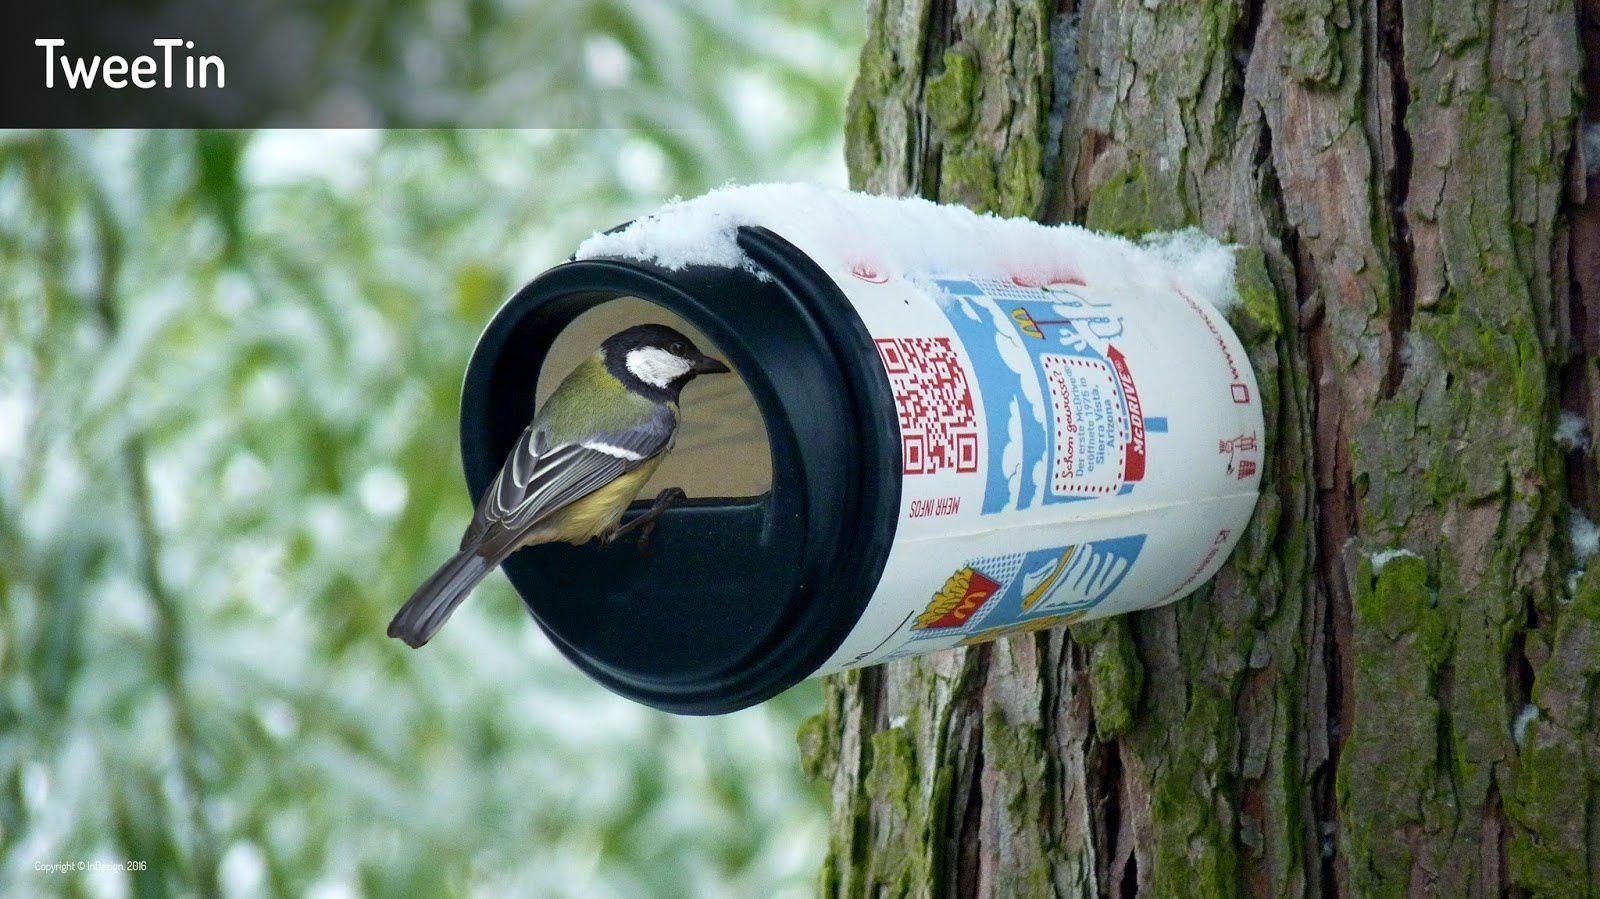 Une idée qui en jette pour recycler le gobelet de sa boisson !